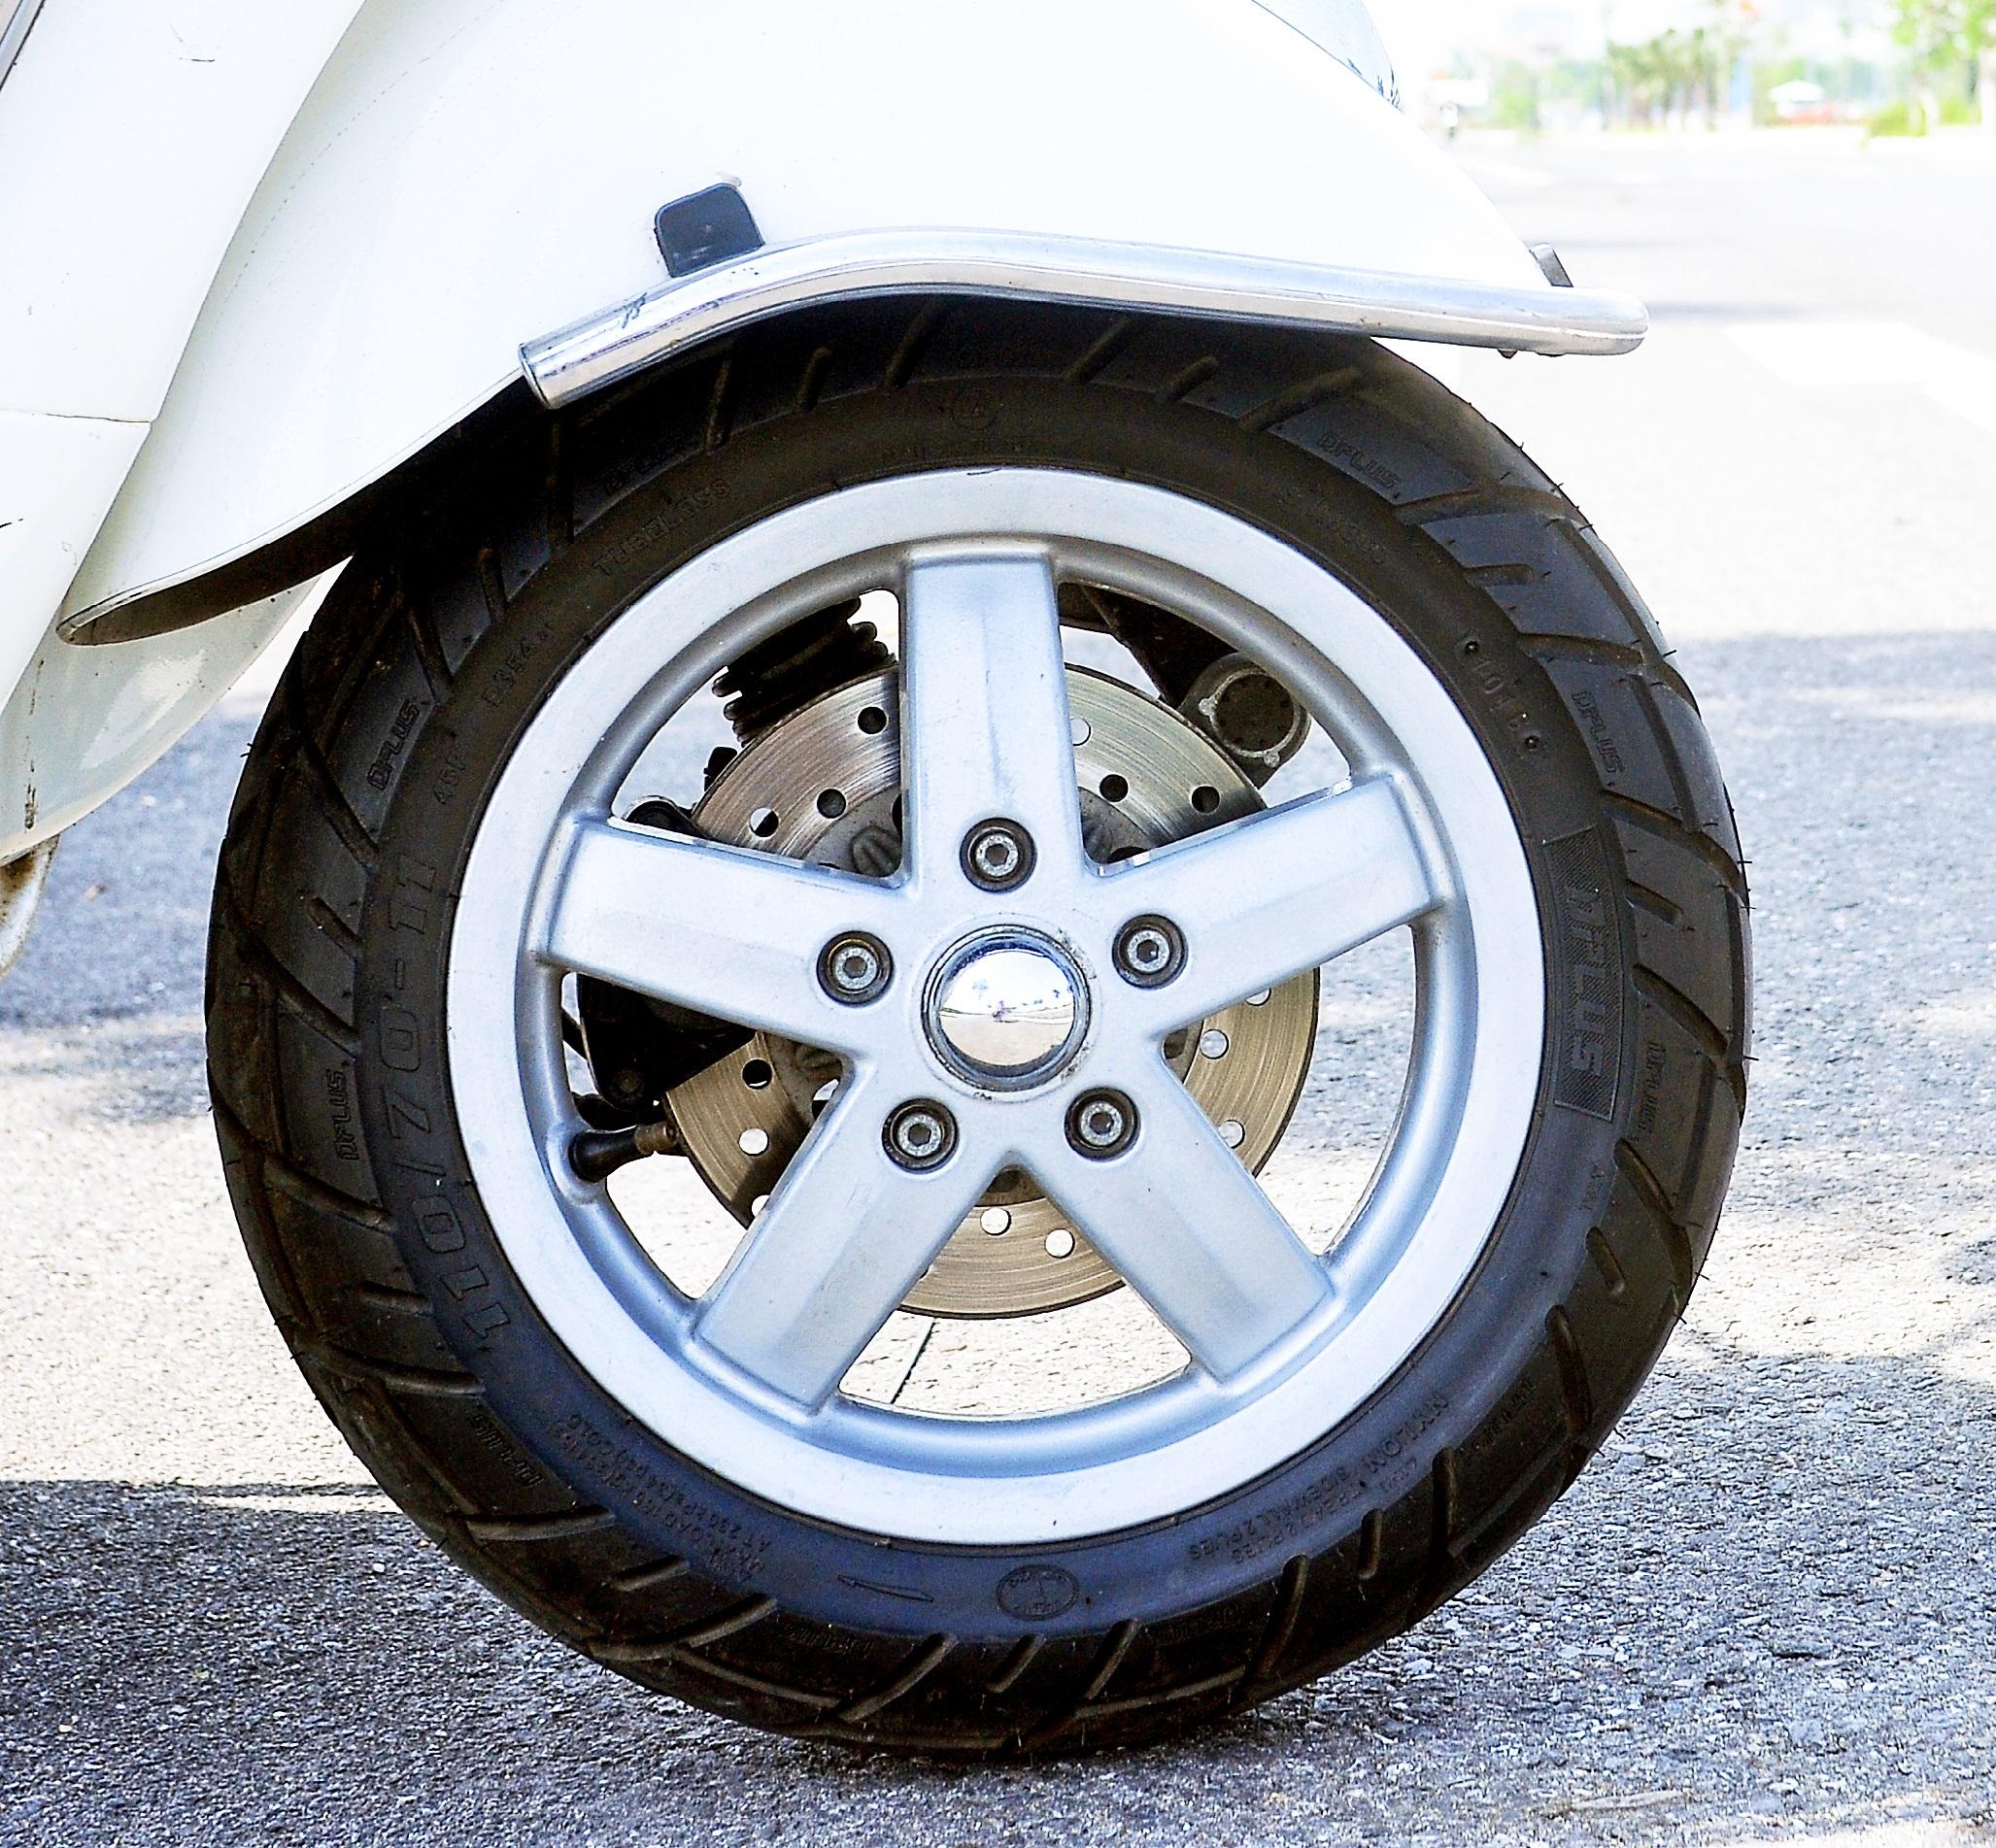 Chọn lốp xe đúng và chất lượng - Chuyện đơn giản nhưng không kém phần quan trọng - Ảnh 1.